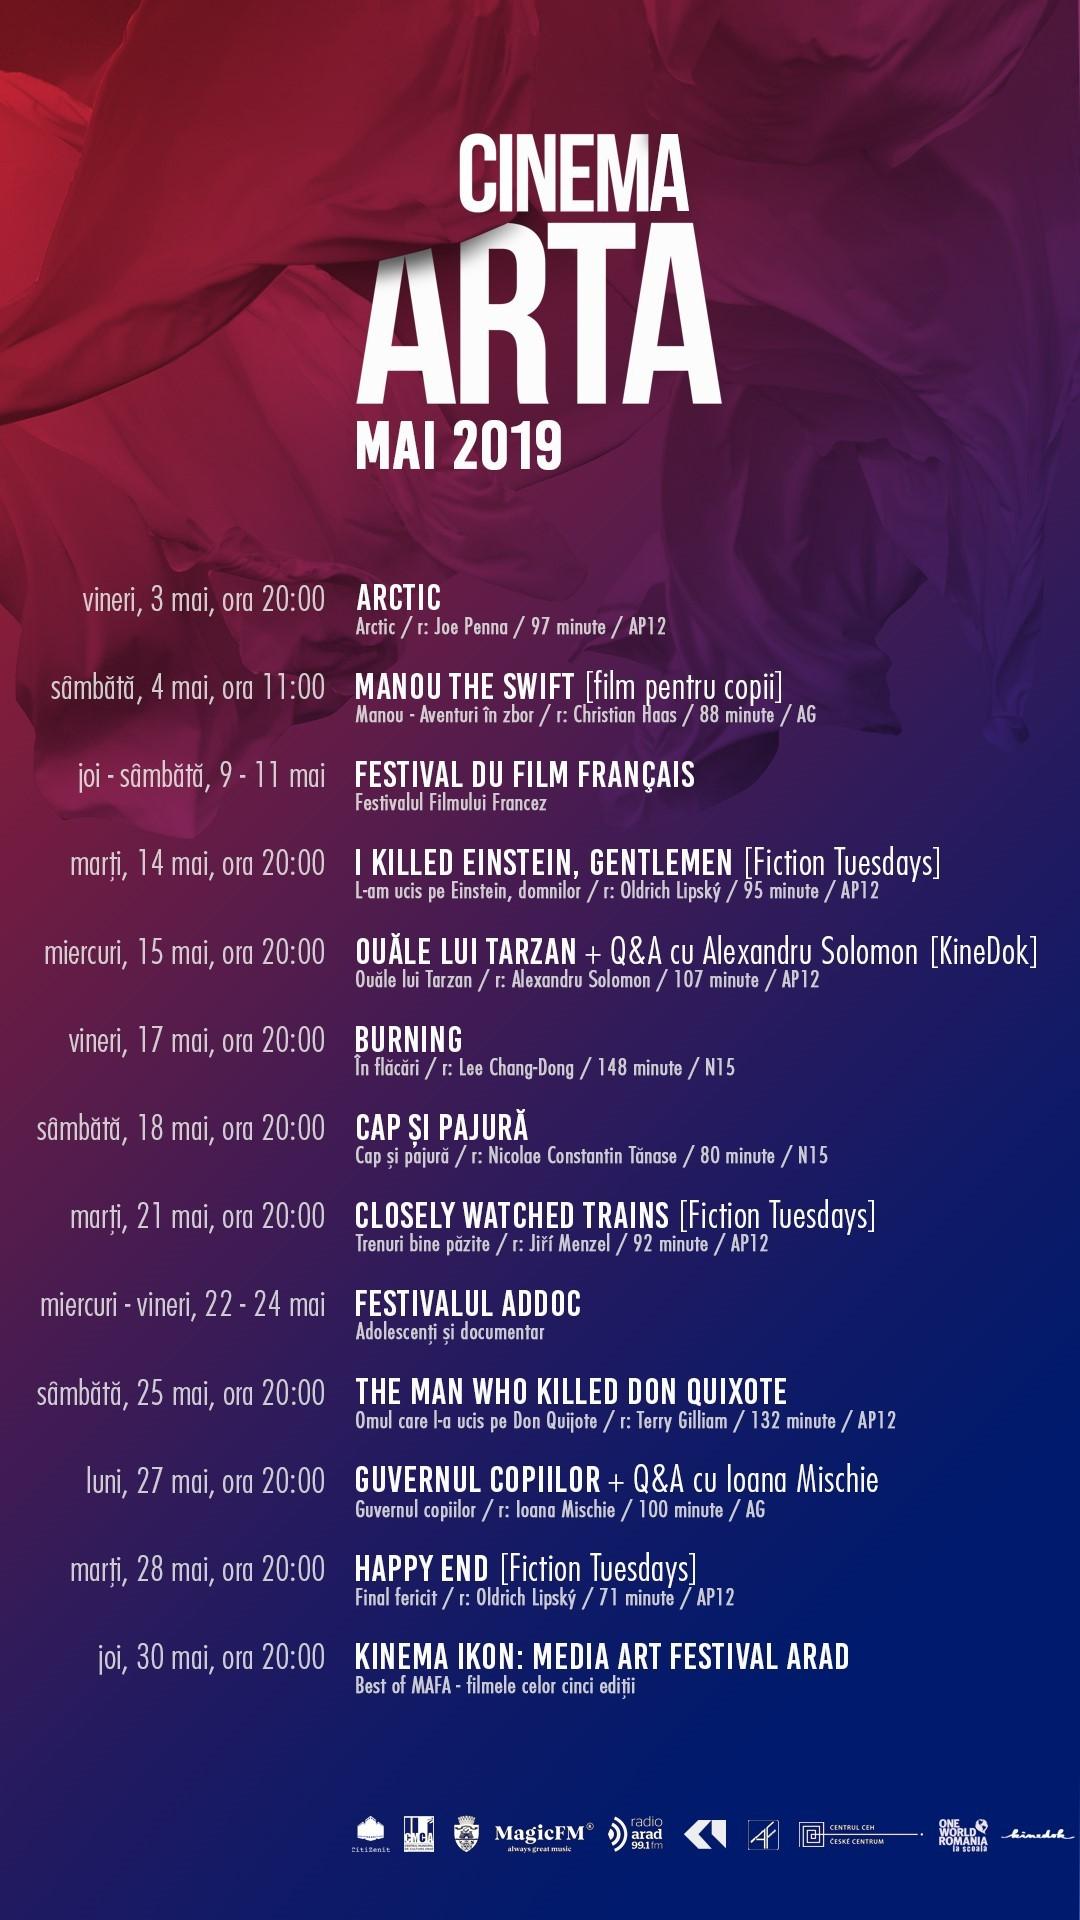 Peste 20 de filme și două festivaluri sunt programate în luna mai la cinema Arta